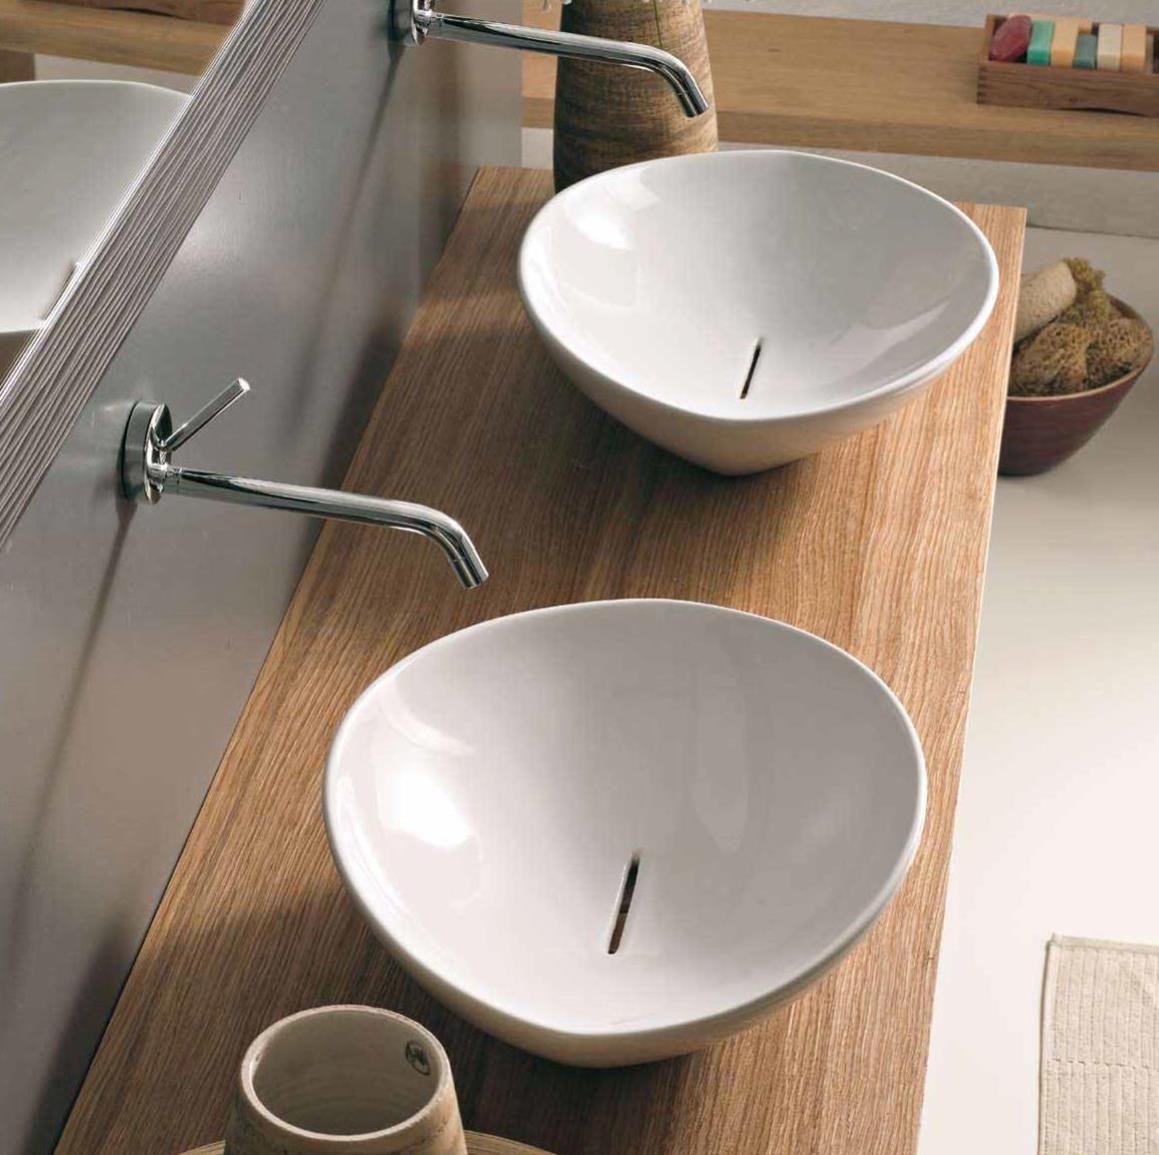 Ceramic-basins